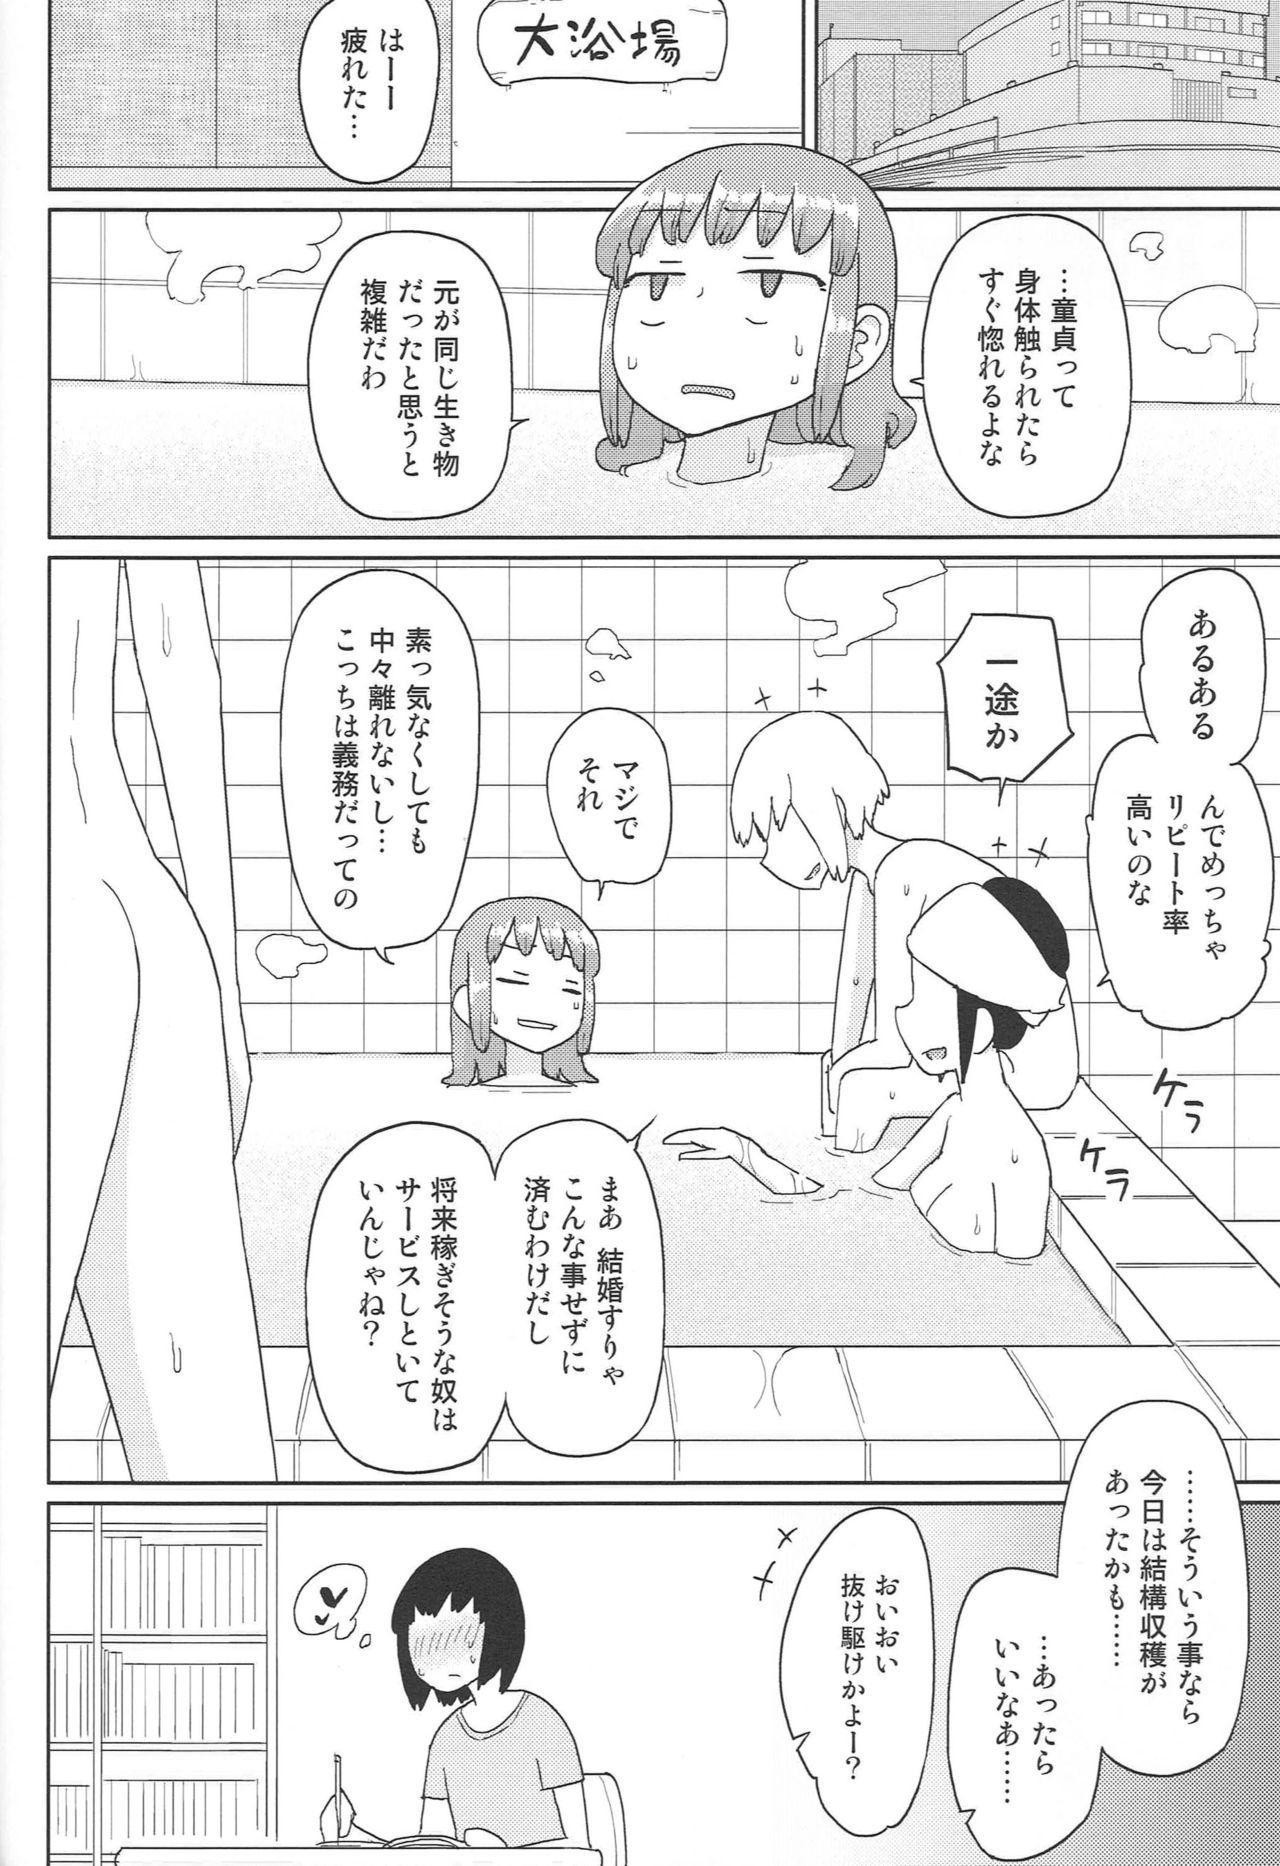 TS Danshikou Fuzokuchuu Doutei Massage-bu 20